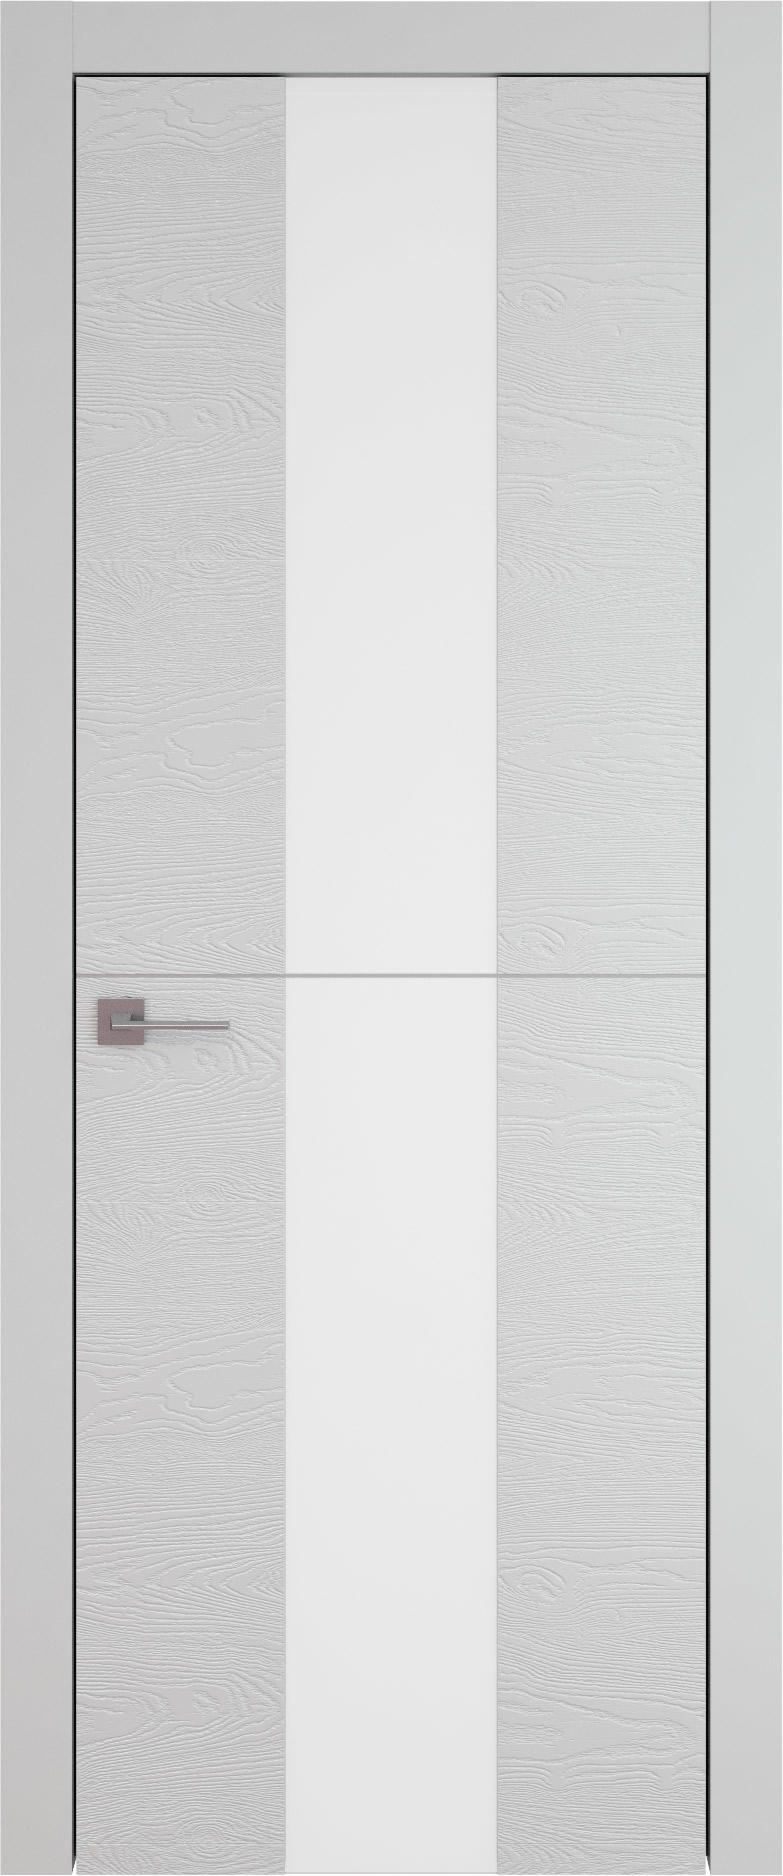 Tivoli Ж-3 цвет - Серая эмаль по шпону (RAL 7047) Со стеклом (ДО)